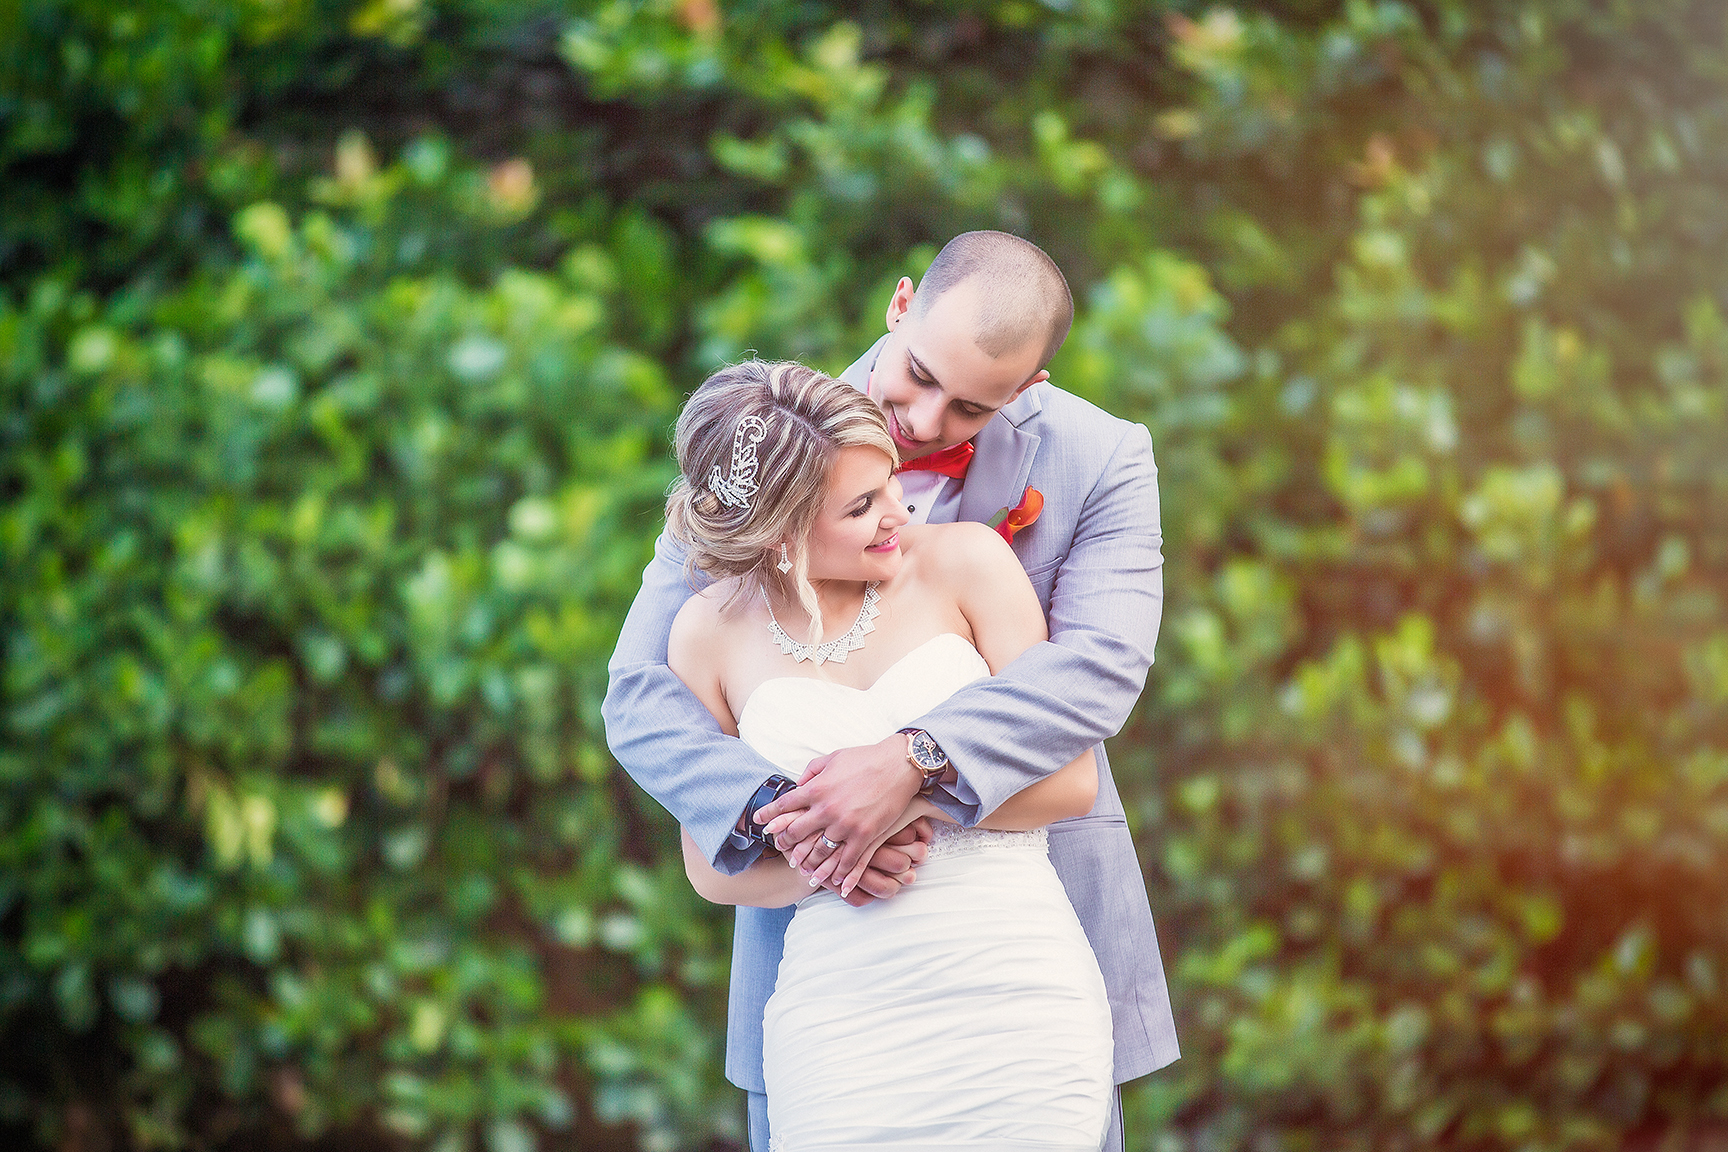 DBatista_Photography_Miami_Wedding_Photographers_fotografos_de_bodas_en_miami_florida_fotografos_de_